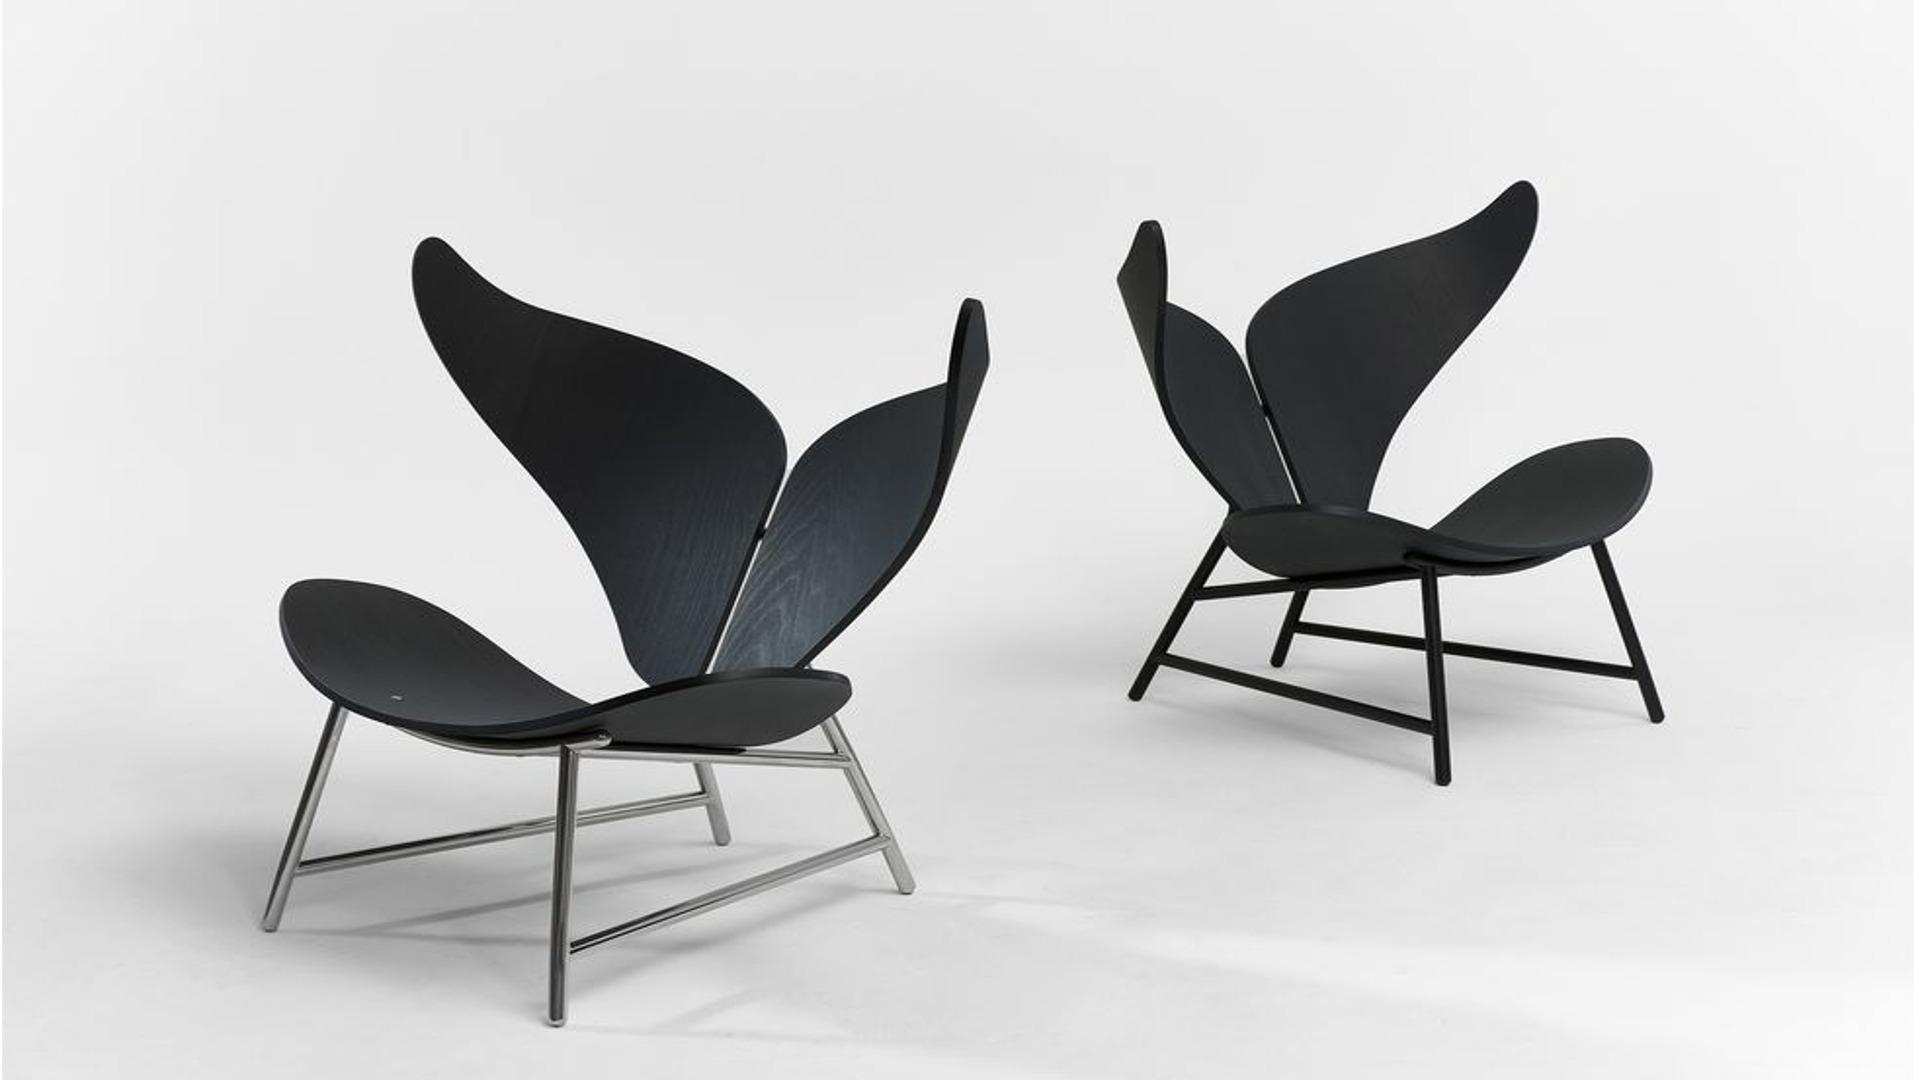 la-silla-whale-chair-1920